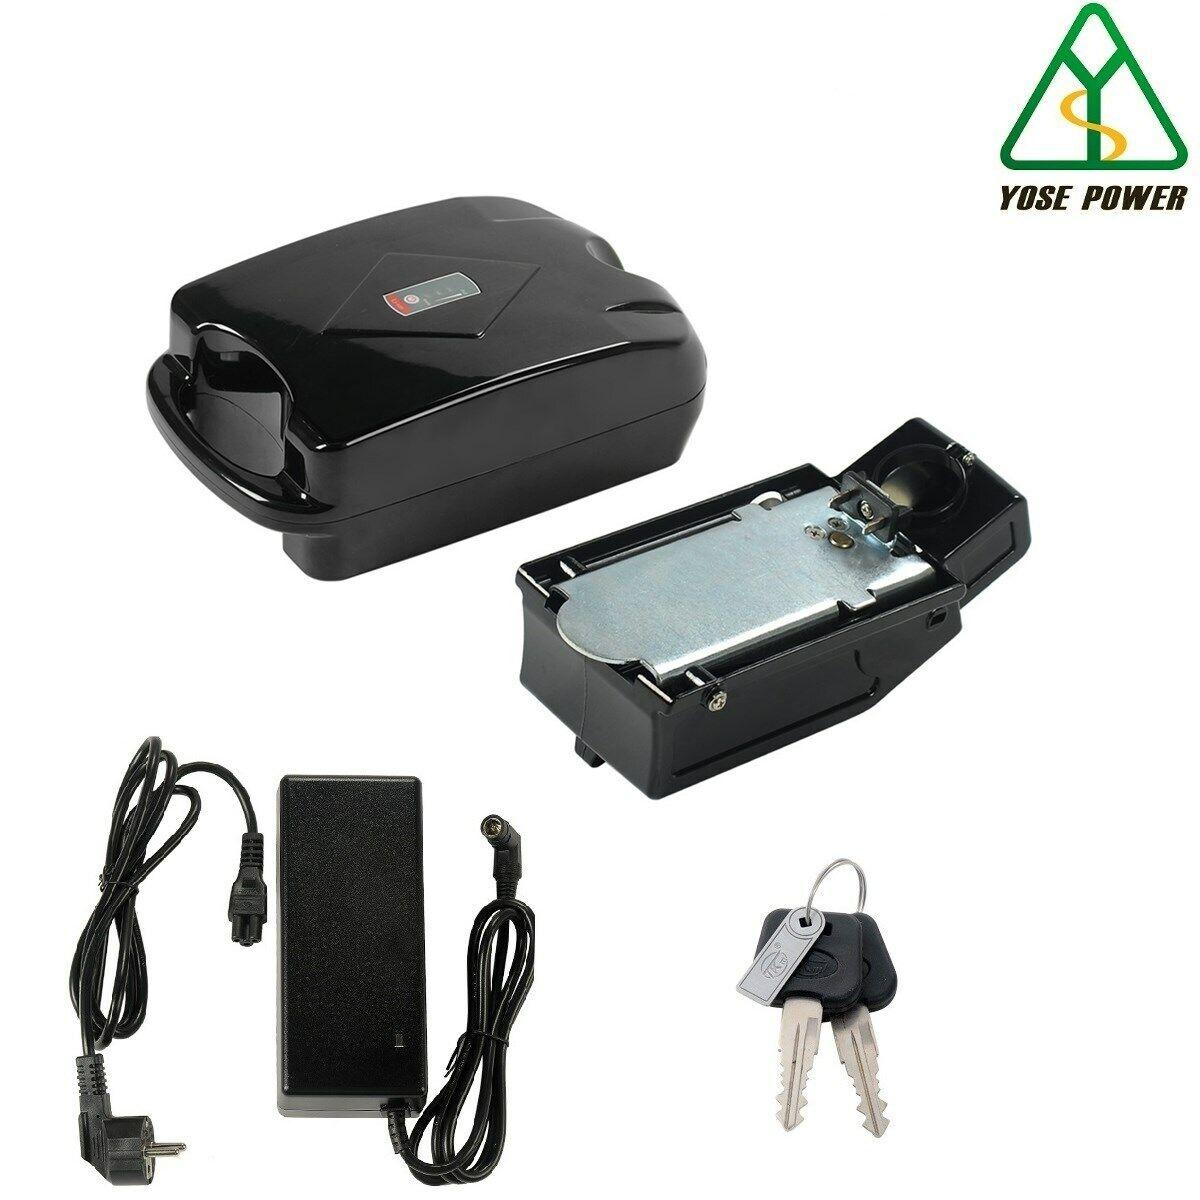 36V12.8Ah Ebike Batterie au Lithium LG Cell Forme de Grenouille avec Chargeur